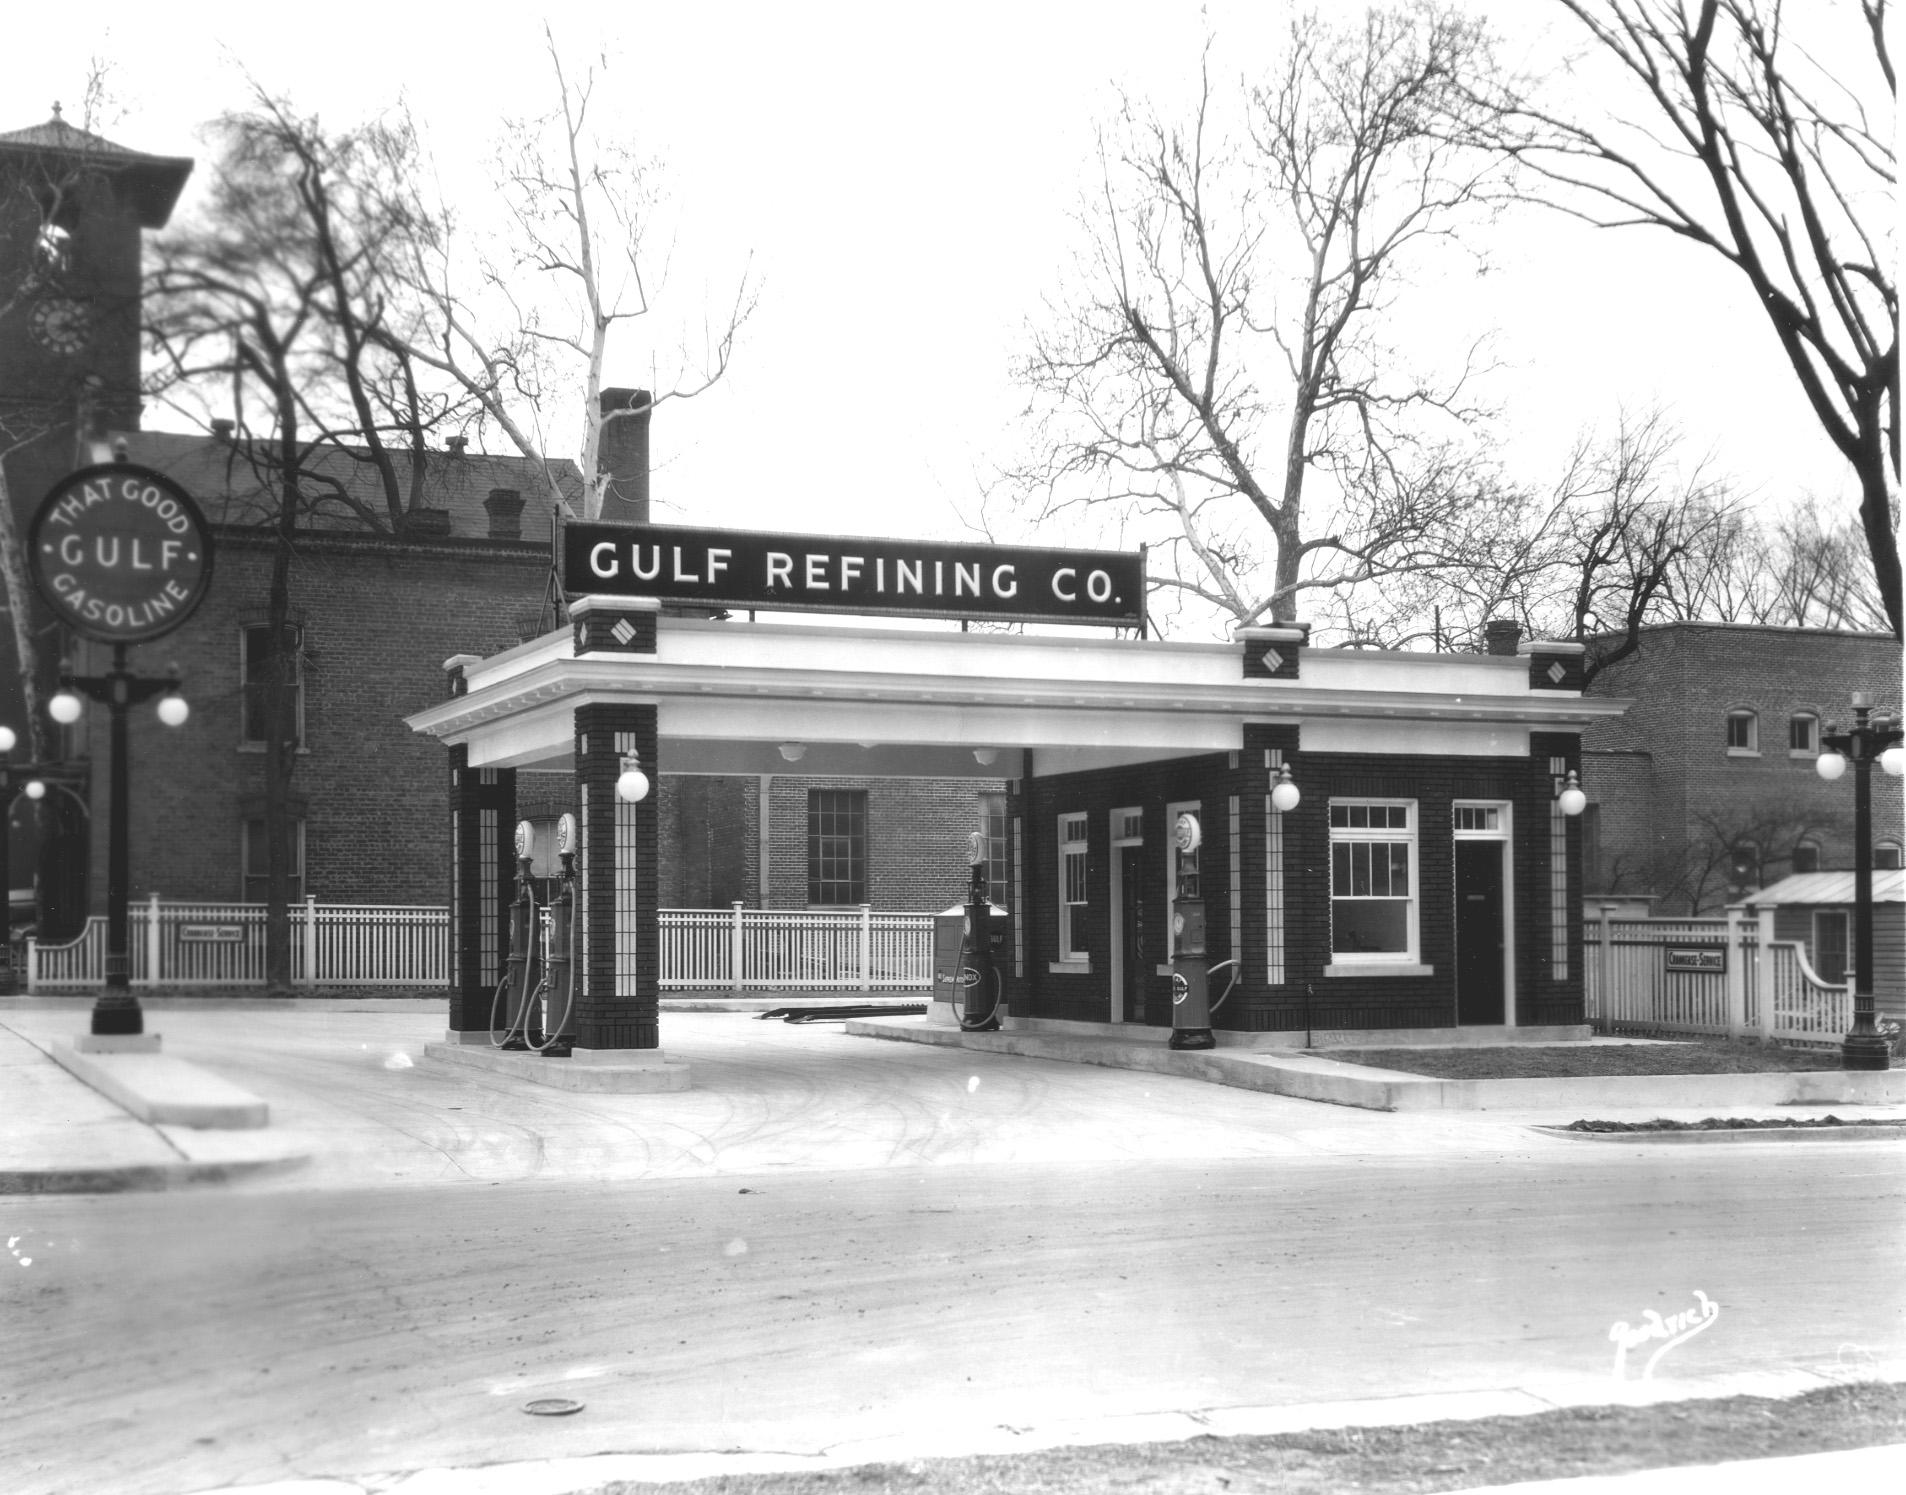 Gulf filling station - Garnett Street, Henderson, North Carolina - ca. 1930